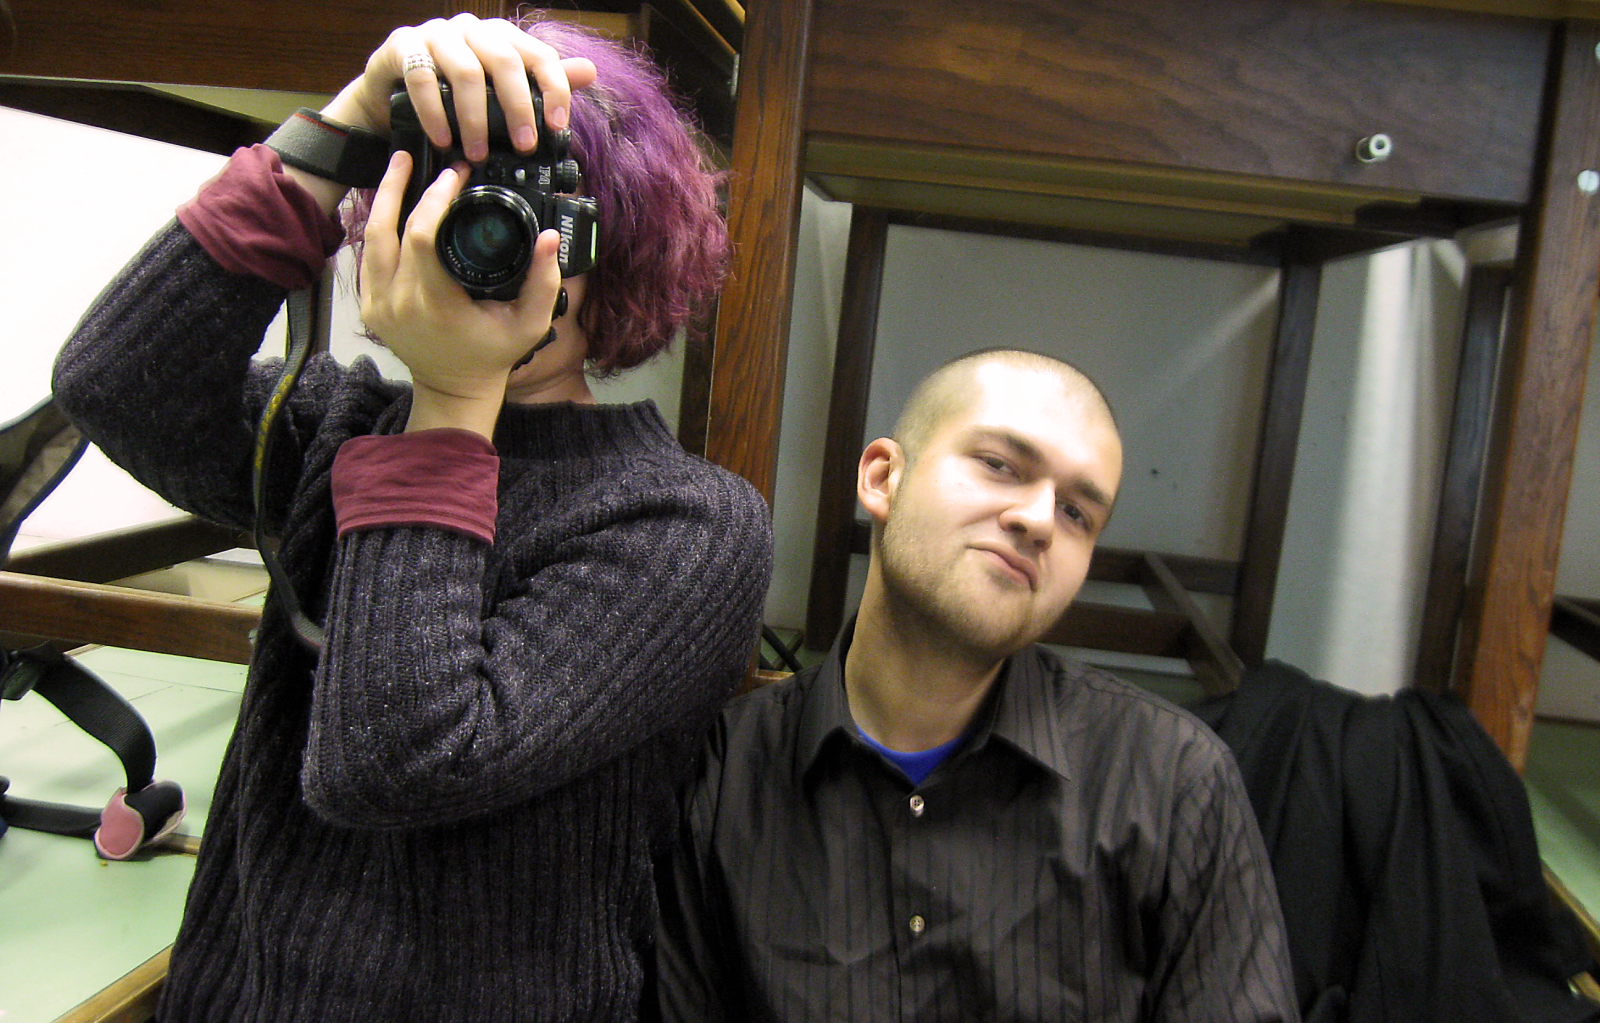 Me and Maks, 1 December 2009 [Taleen Der Haroutiounian]